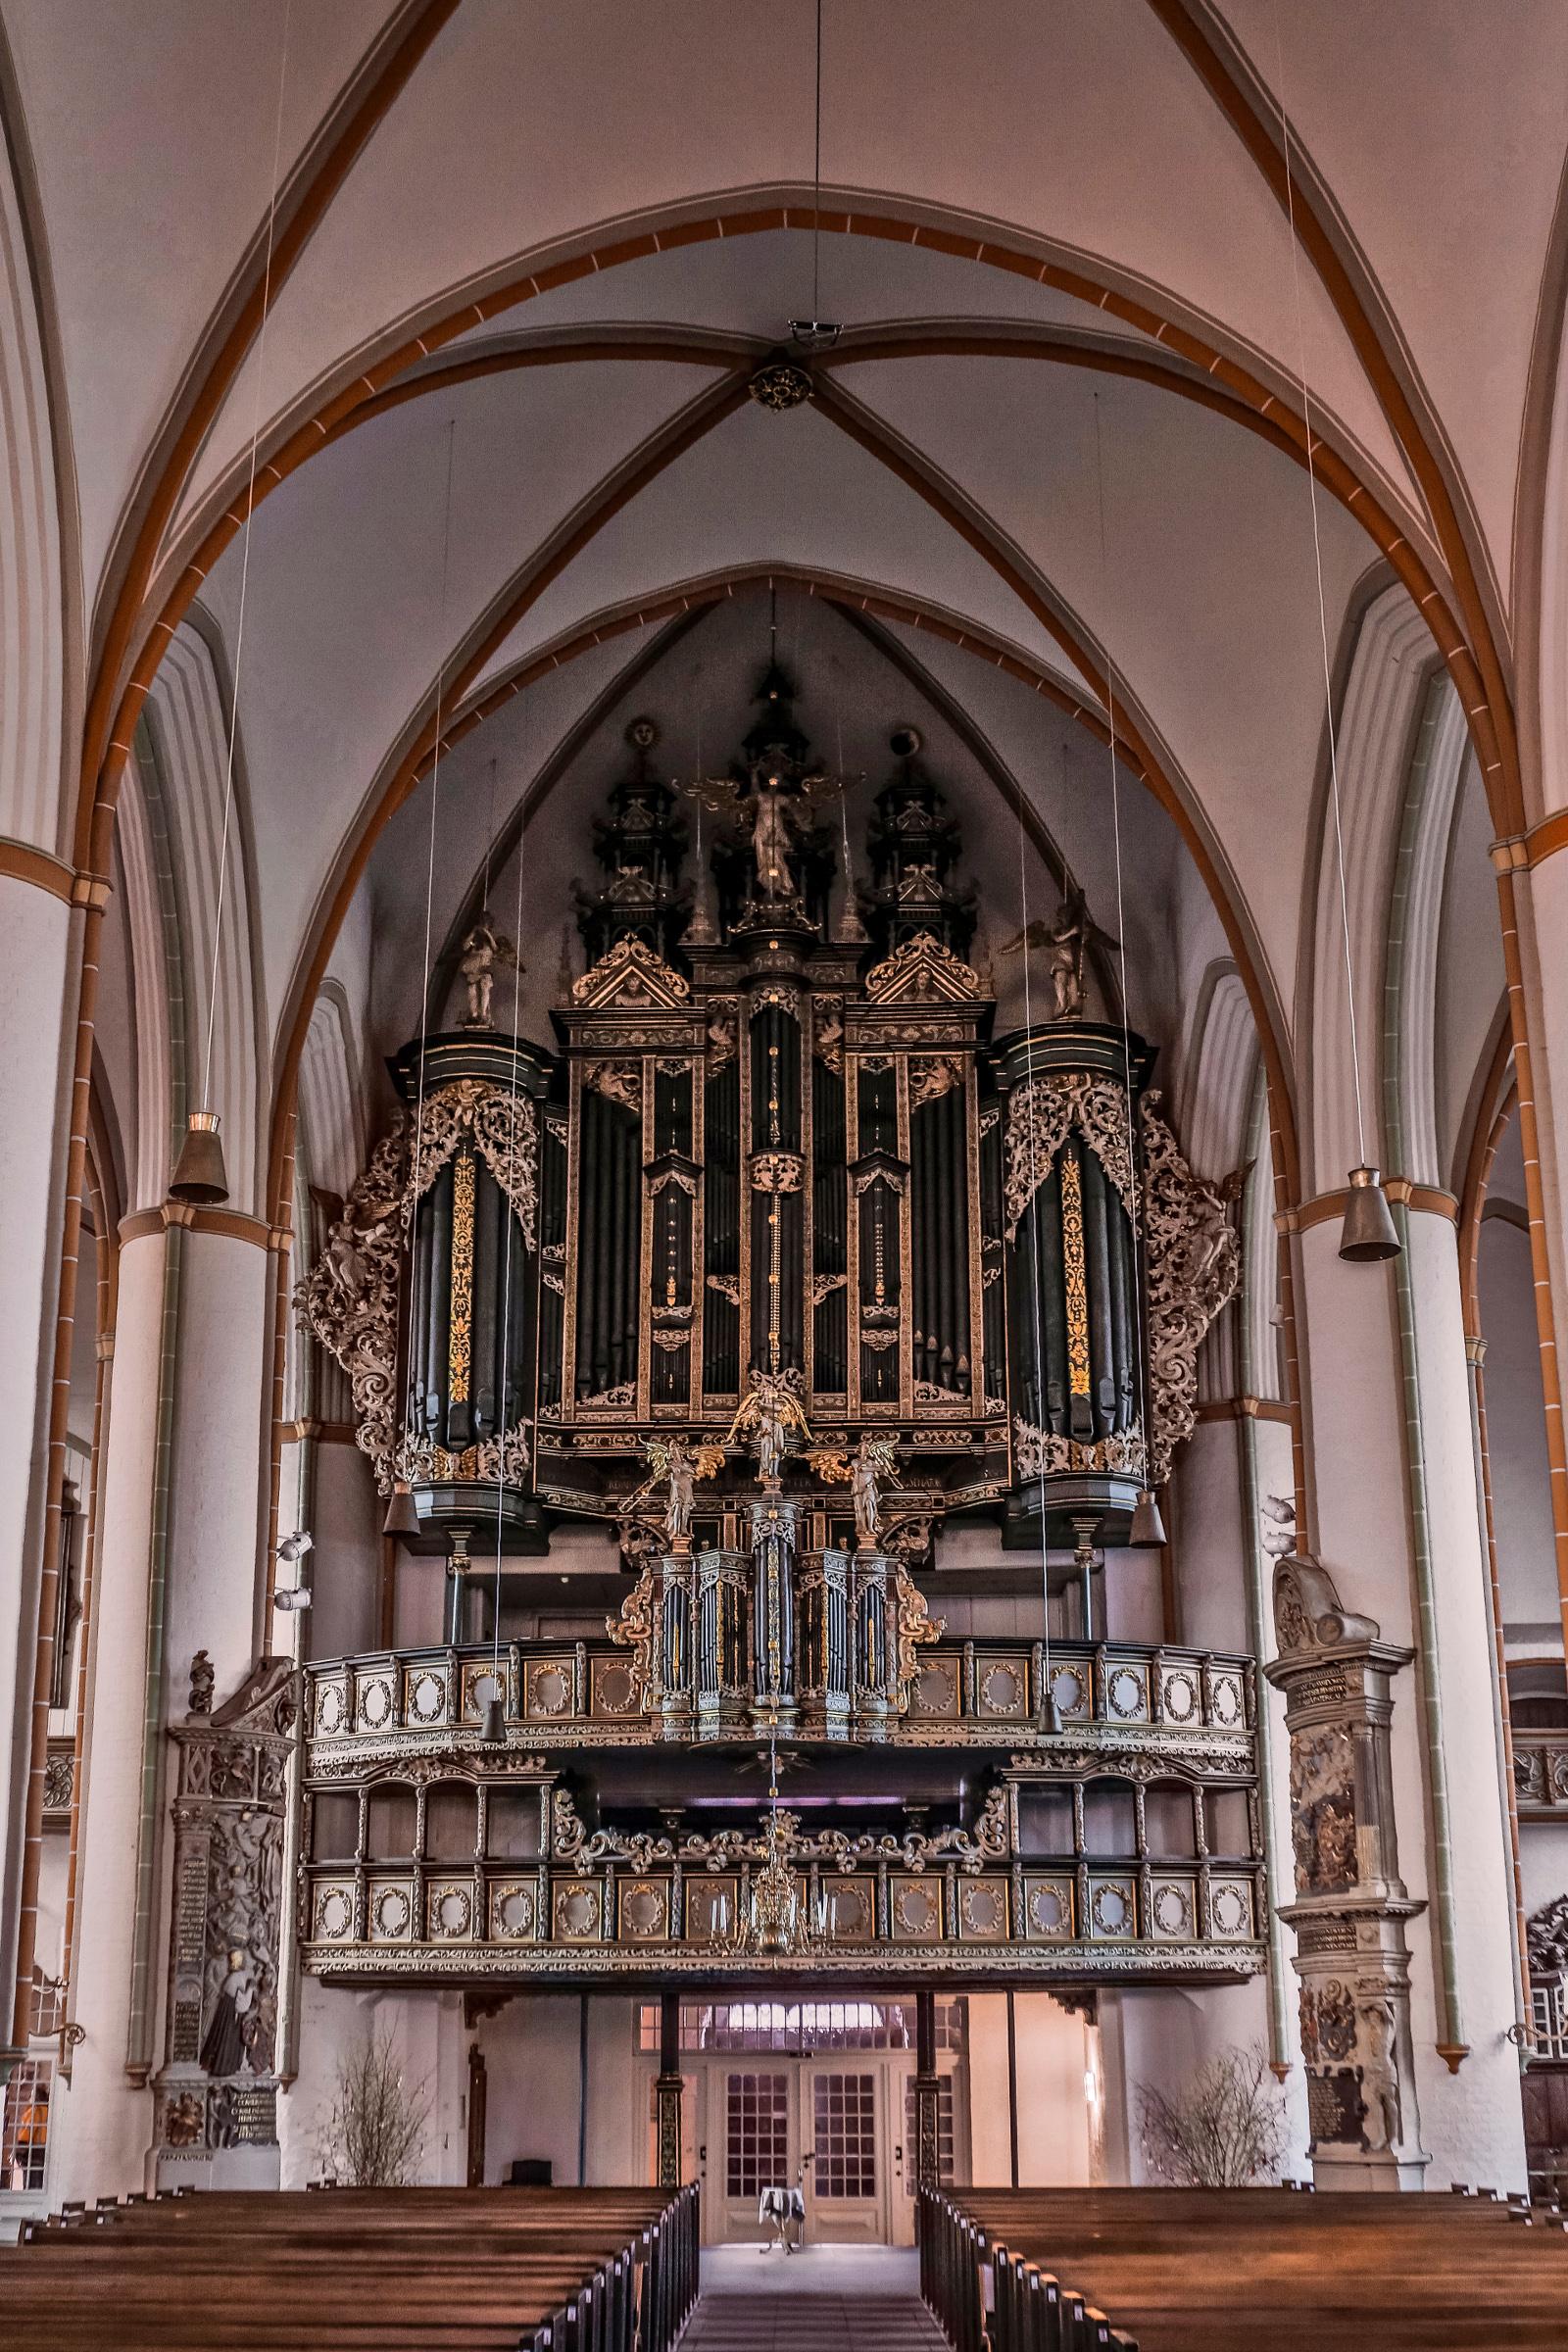 Niehoff/Dropa/Beckerath-Orgel_Foto: Jochen Quast